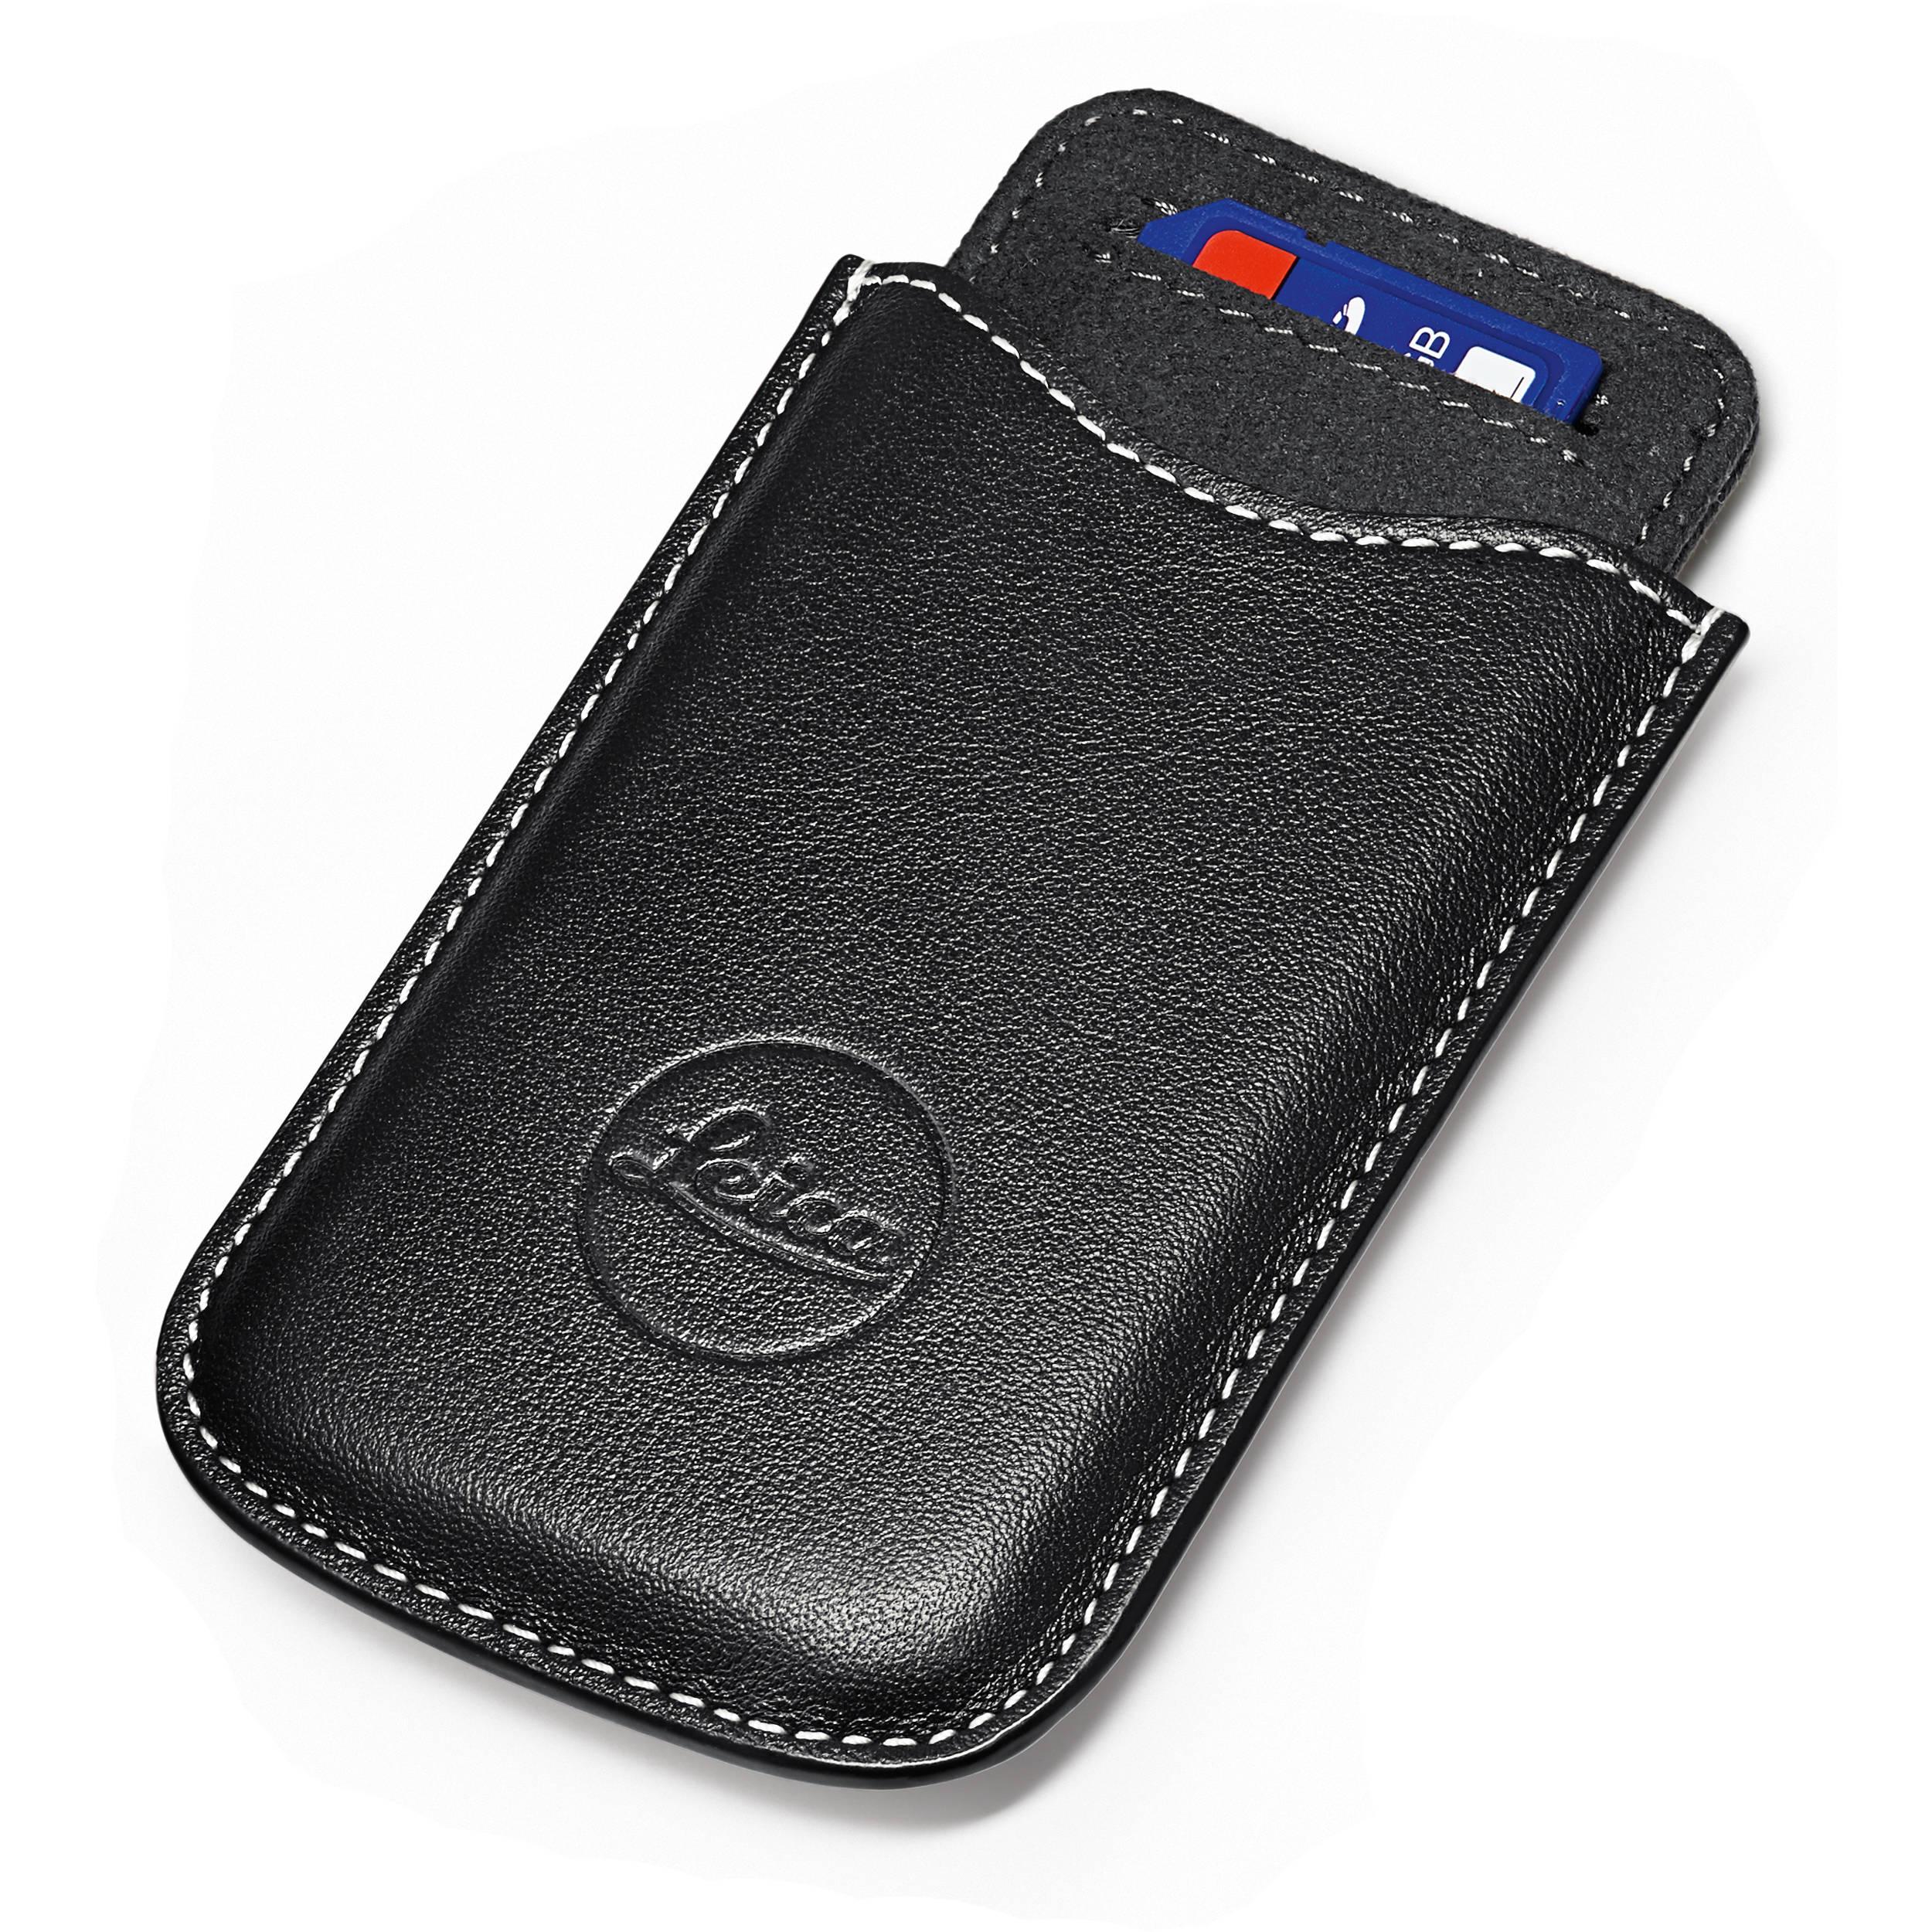 8a0bab7e5b8 Leica SD and Credit Card Holder (Black) 18538 B H Photo Video